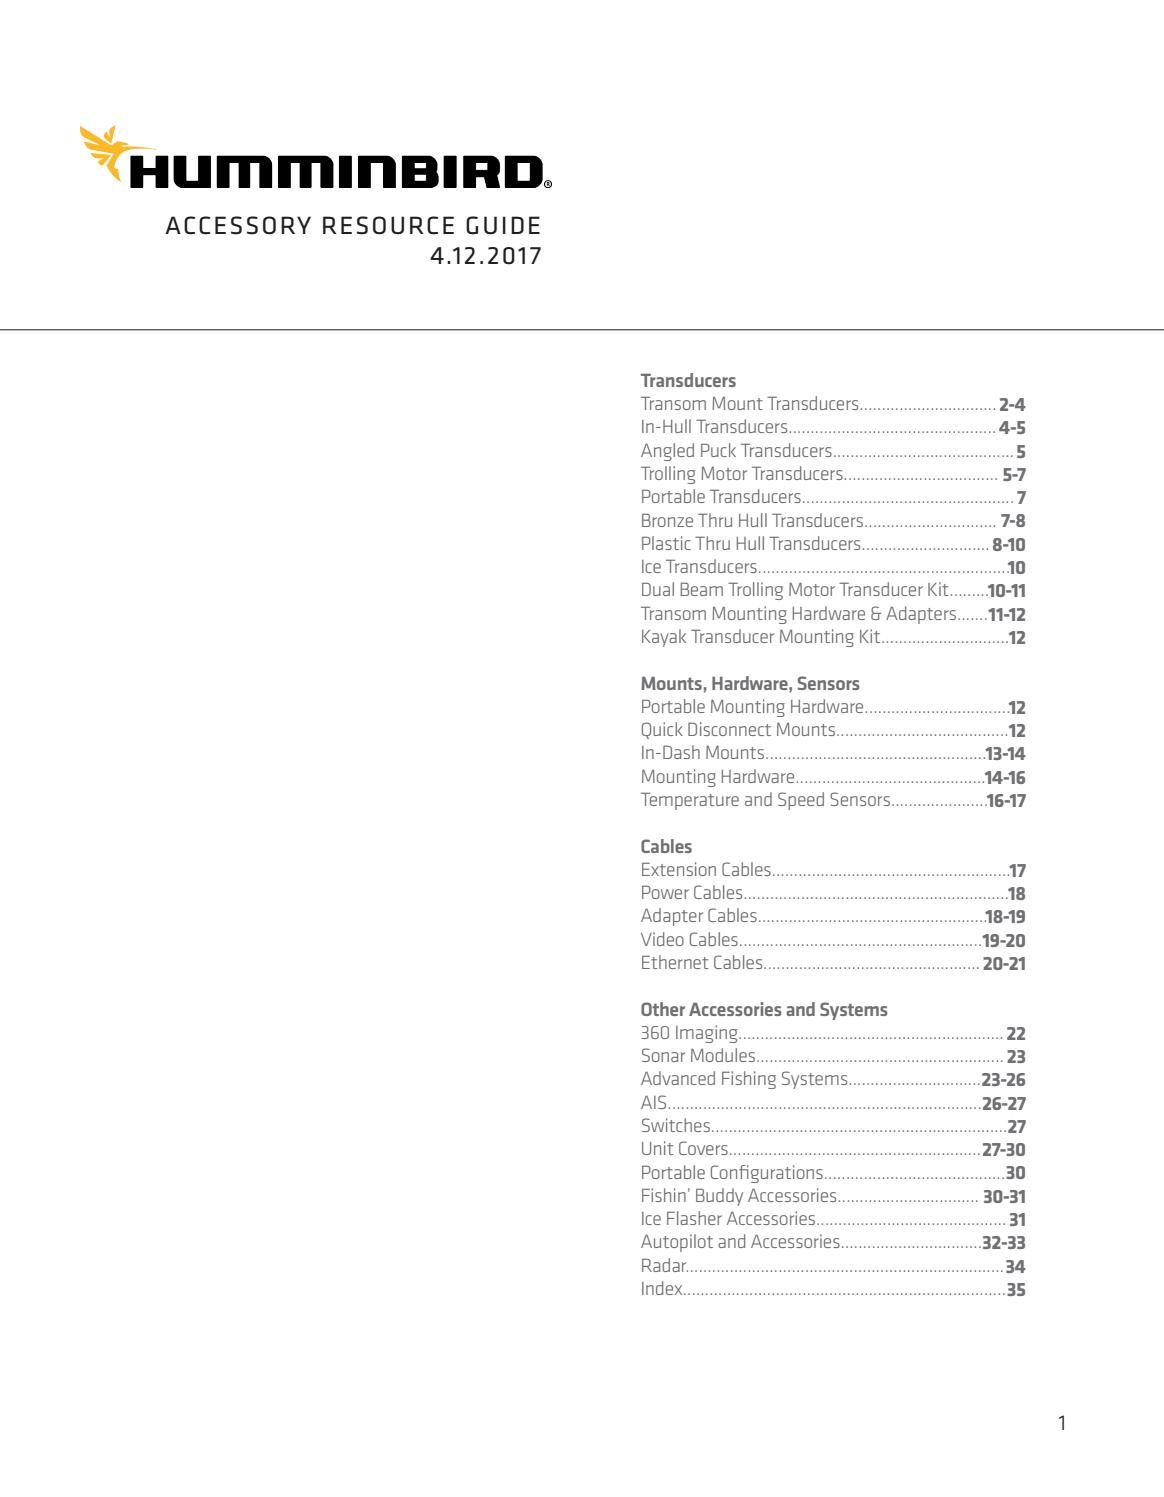 Humminbird - Průvodce příslušenstvím (anglická verze) by DPS